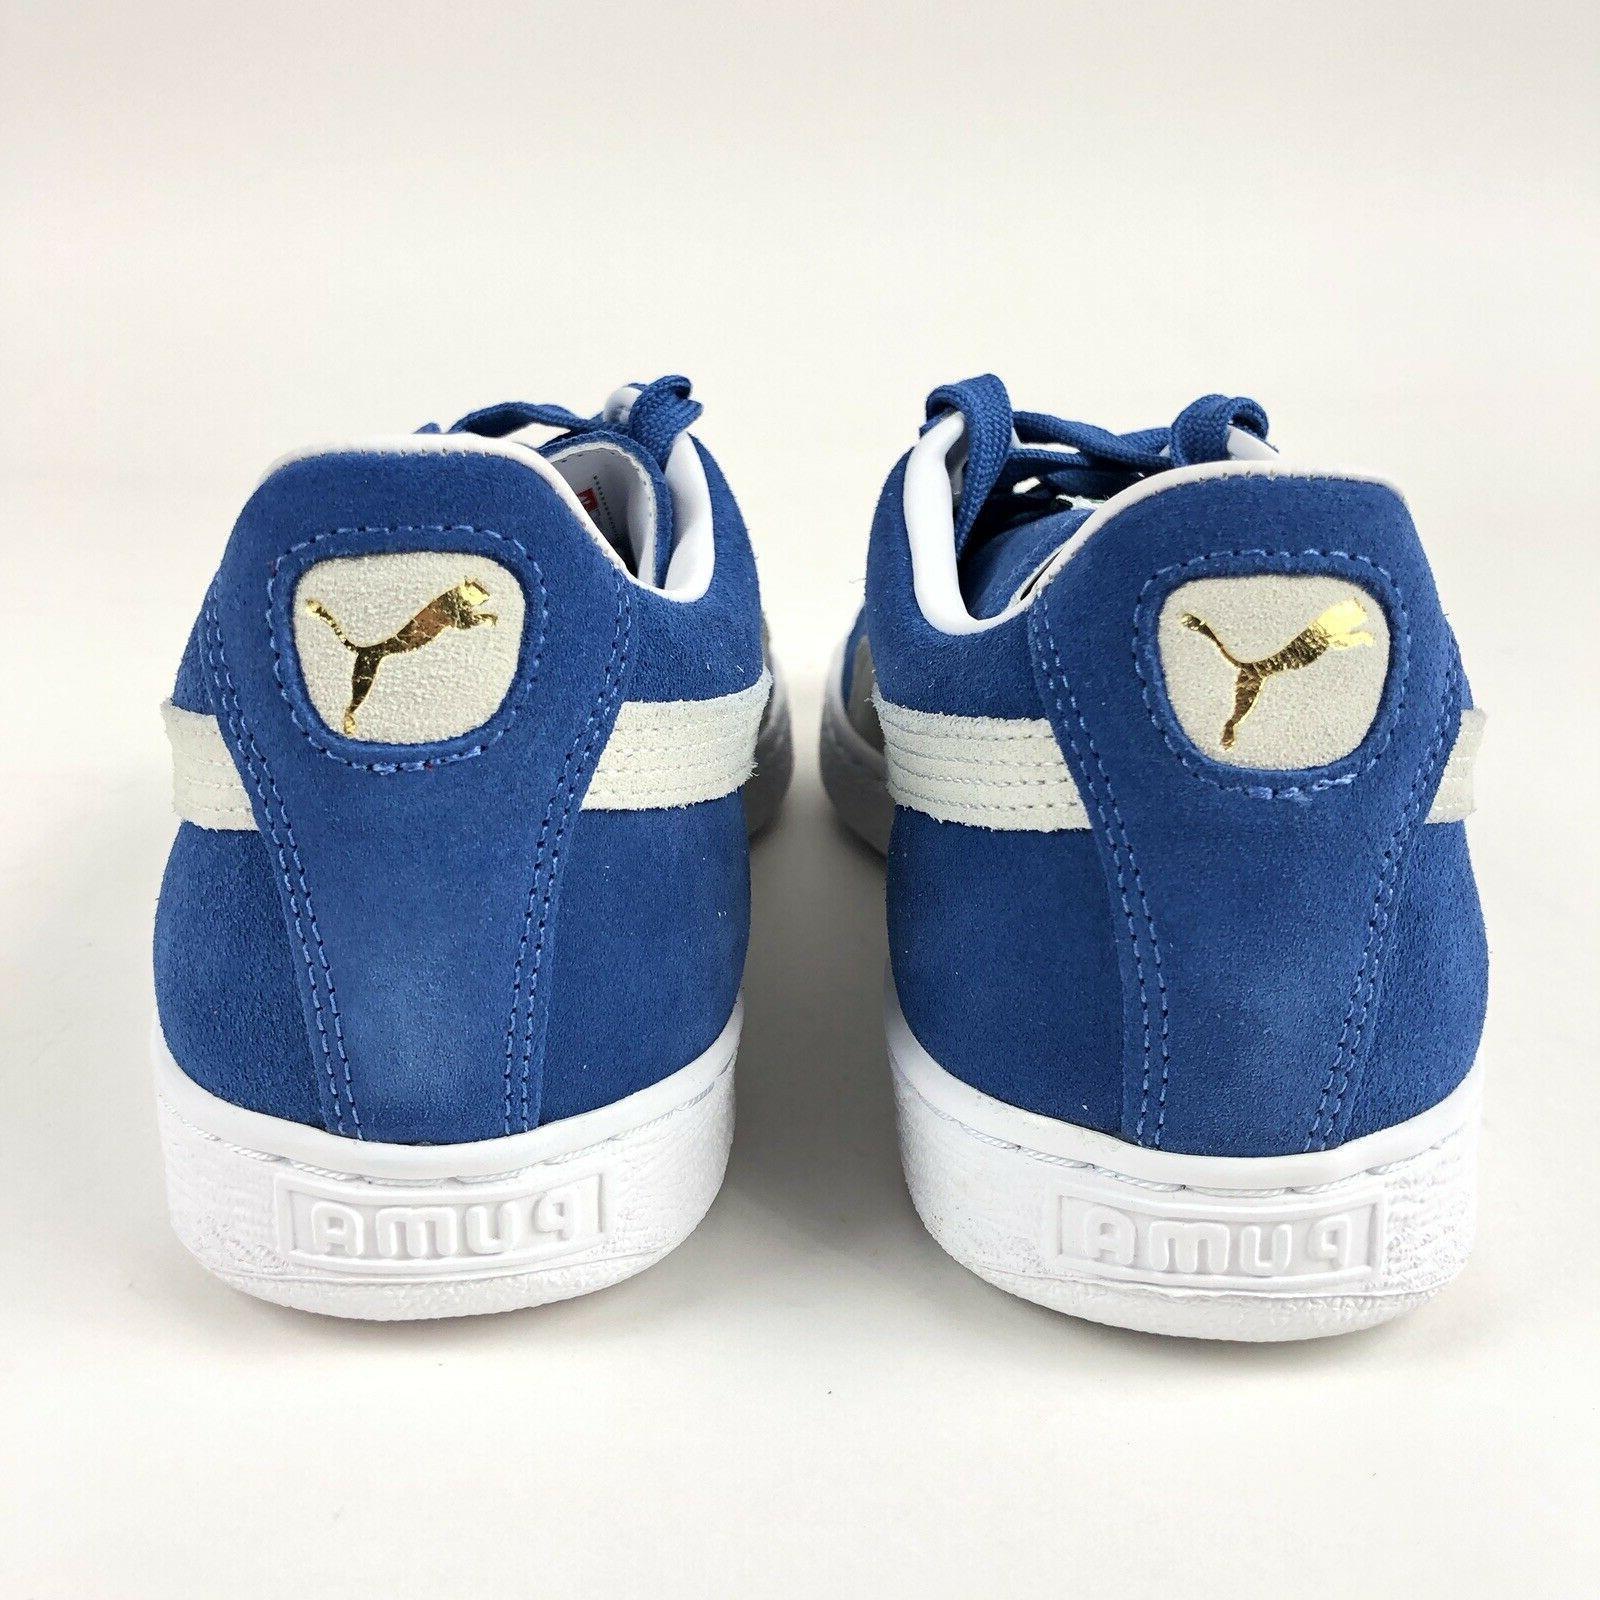 Puma Blue Low Shoes Size 352634-64